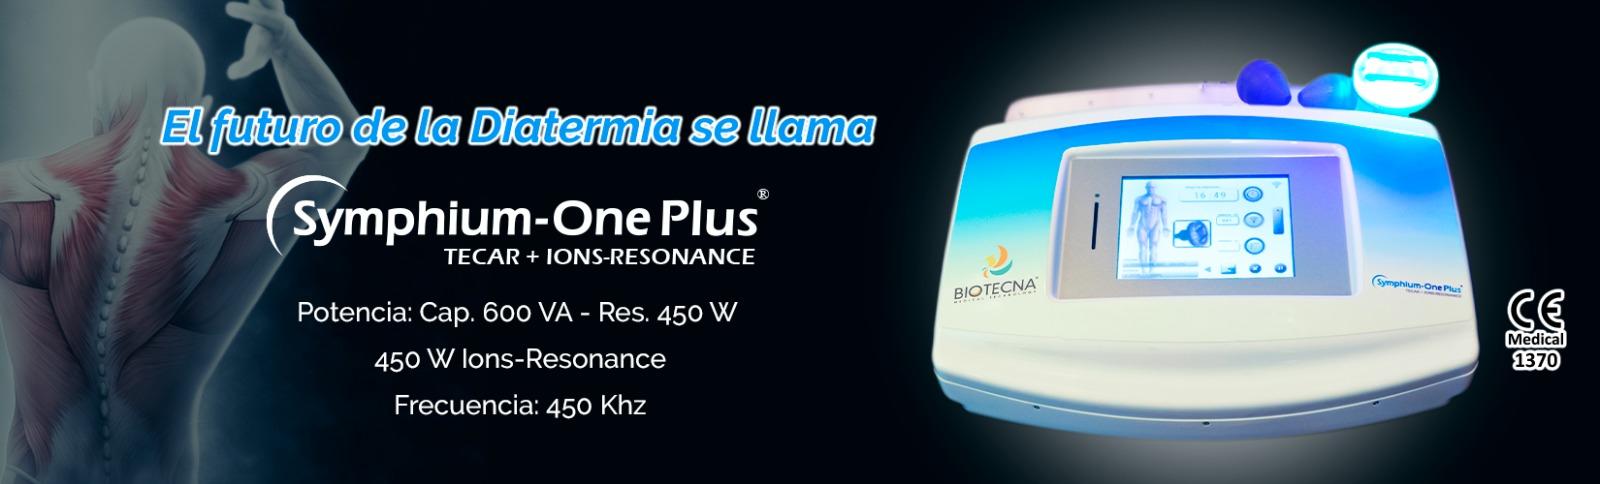 Portada-Symphium-One-PLus